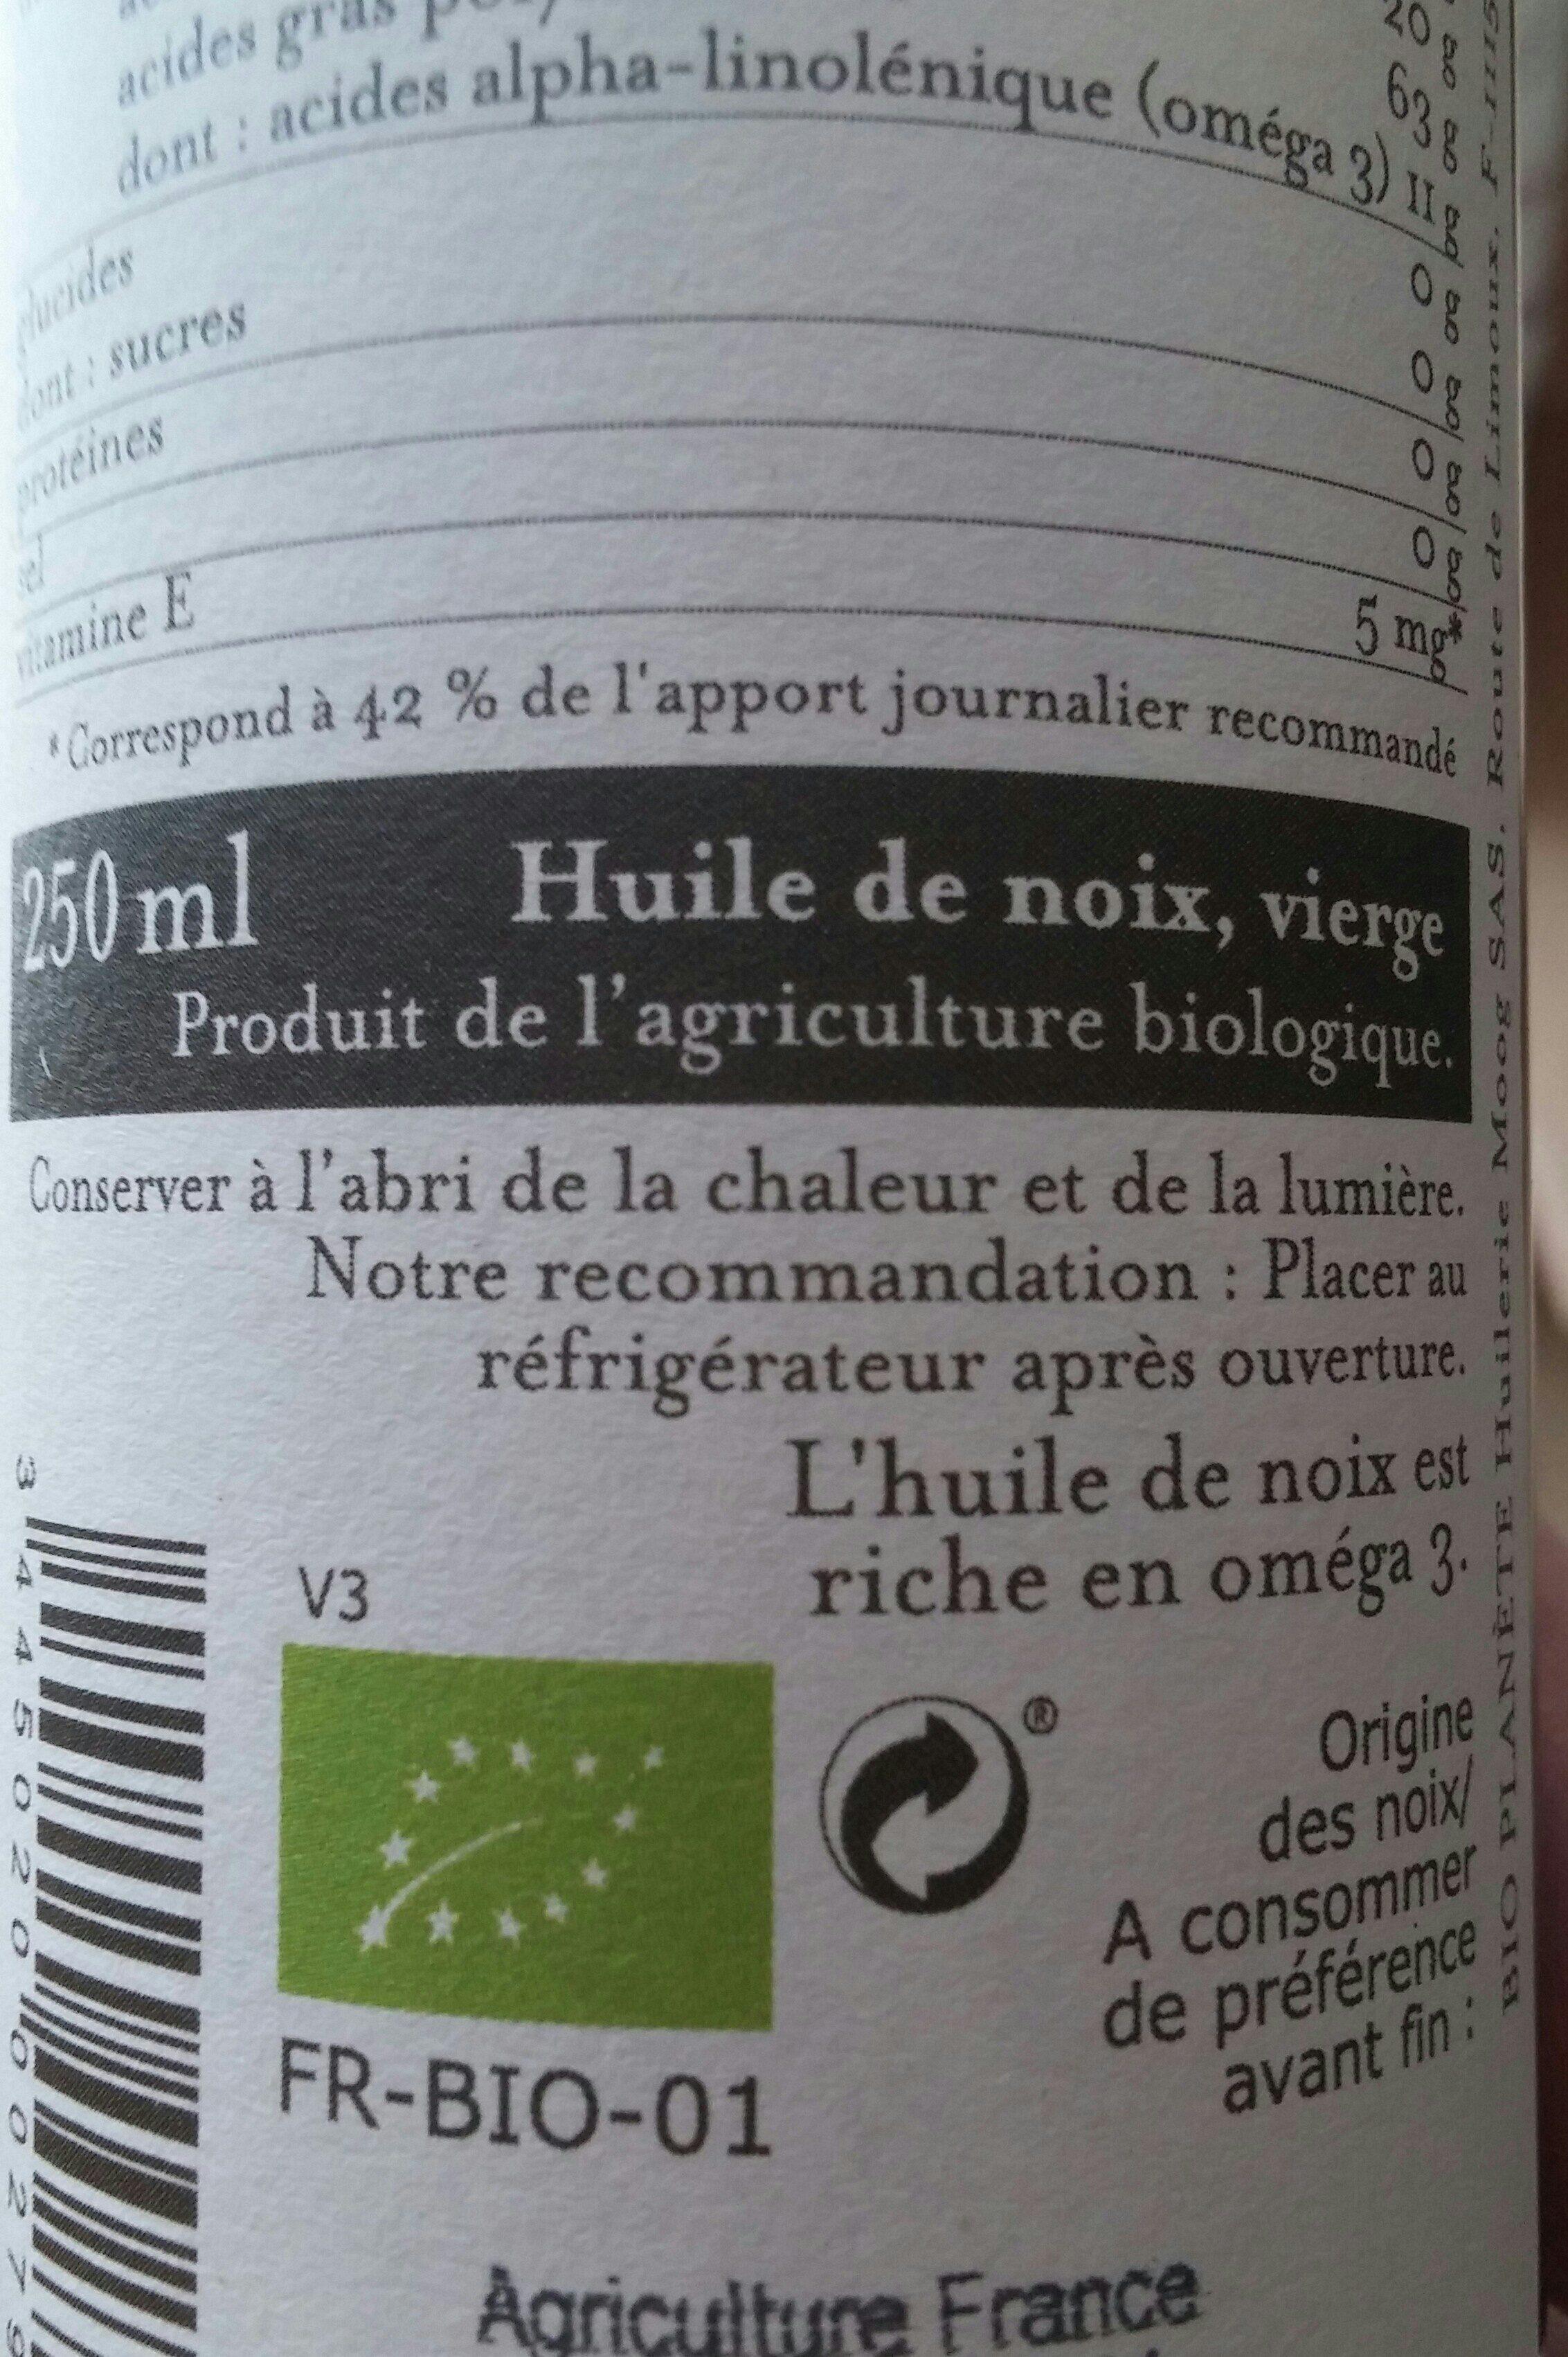 Huile de noix verge France - Ingrédients